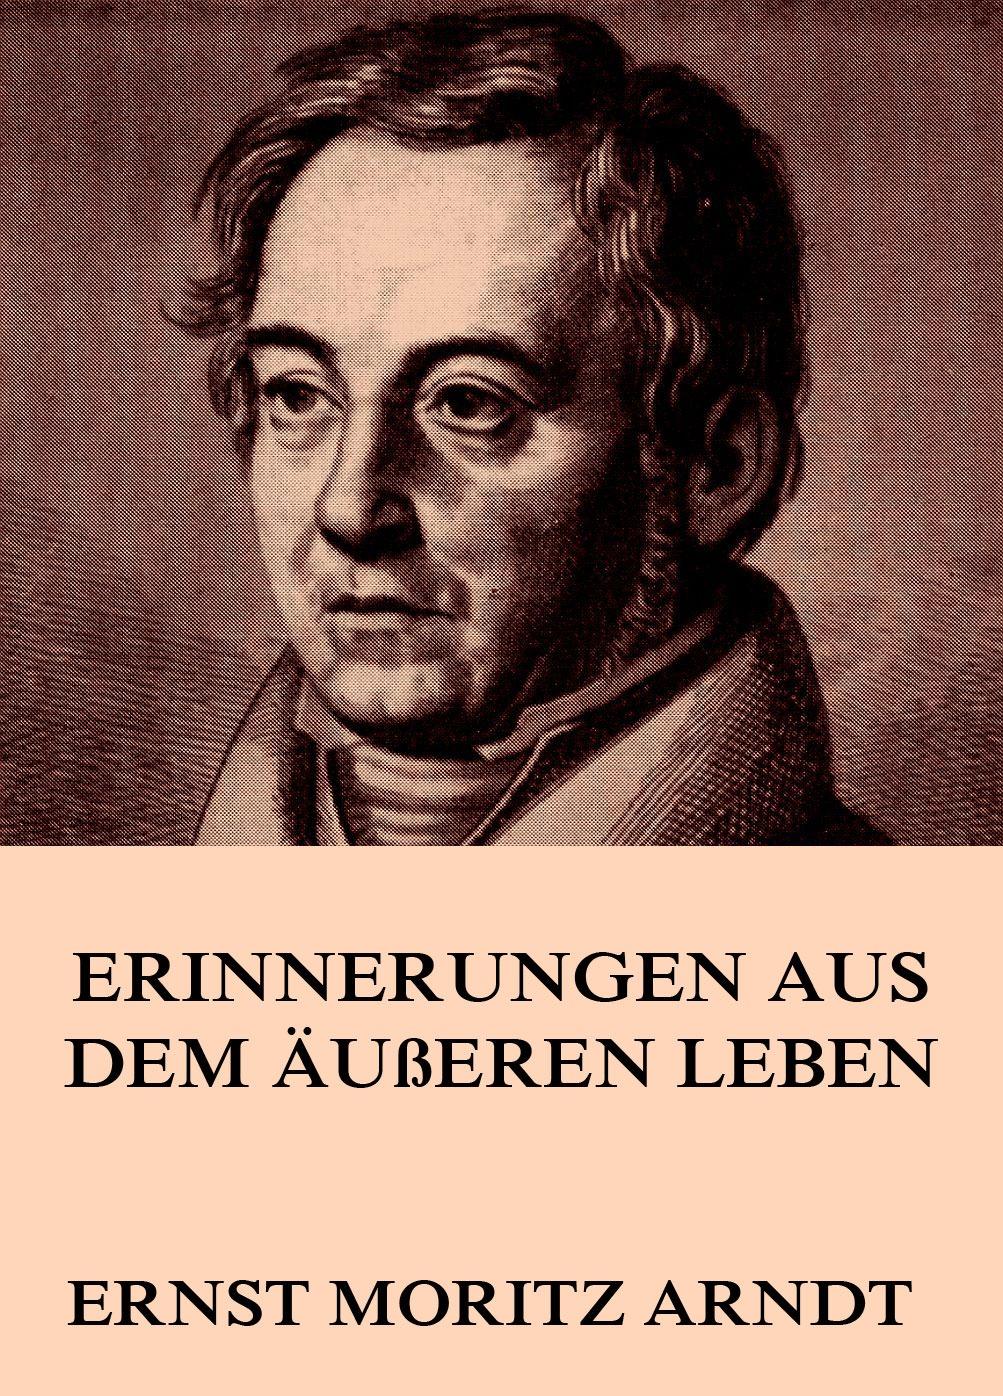 Ernst Moritz Arndt Erinnerungen aus dem äußeren Leben ernst moritz arndt gedichte